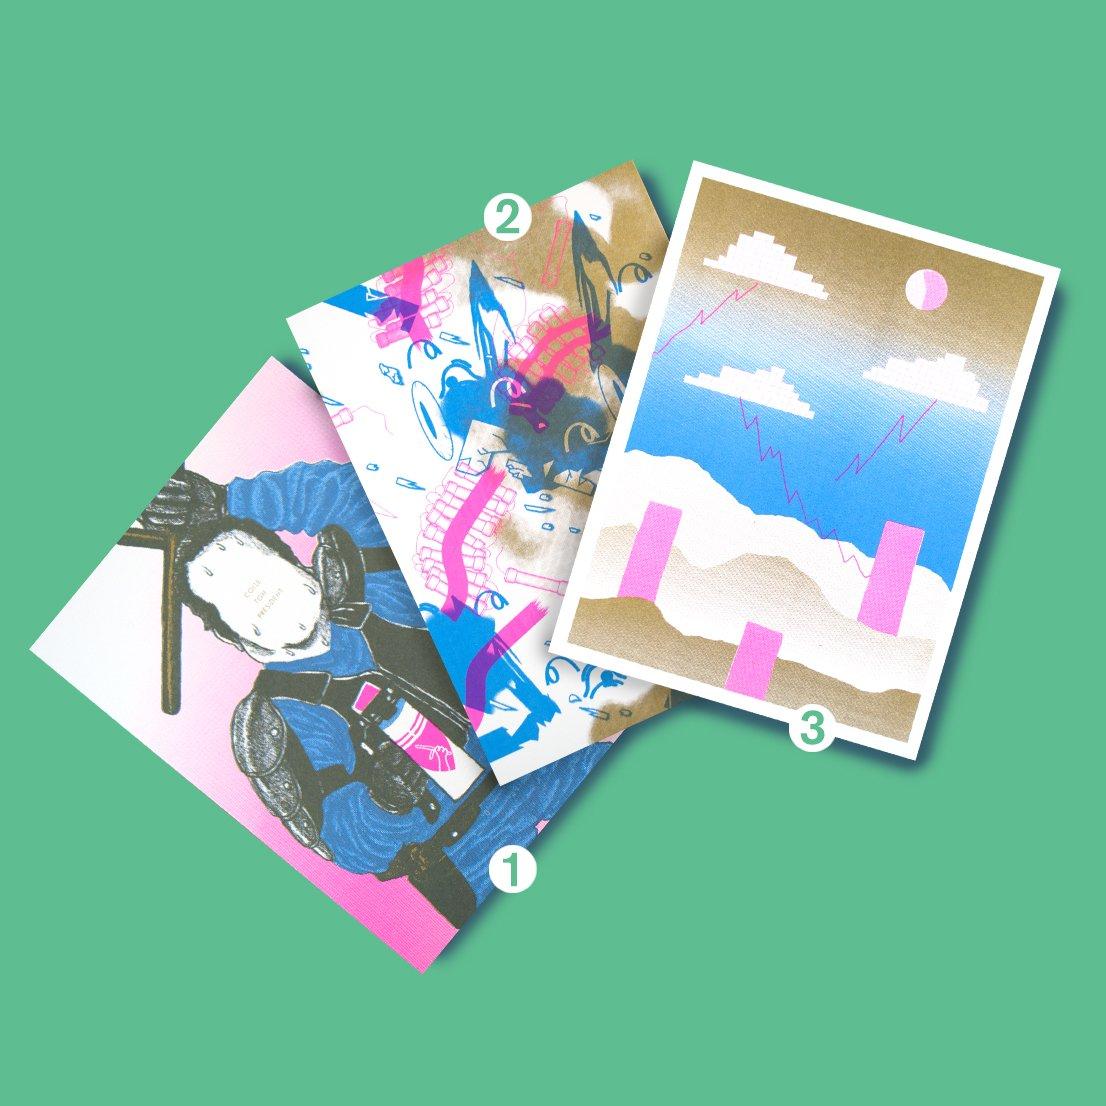 Image of Bonus N°3 - Cartes postales #2